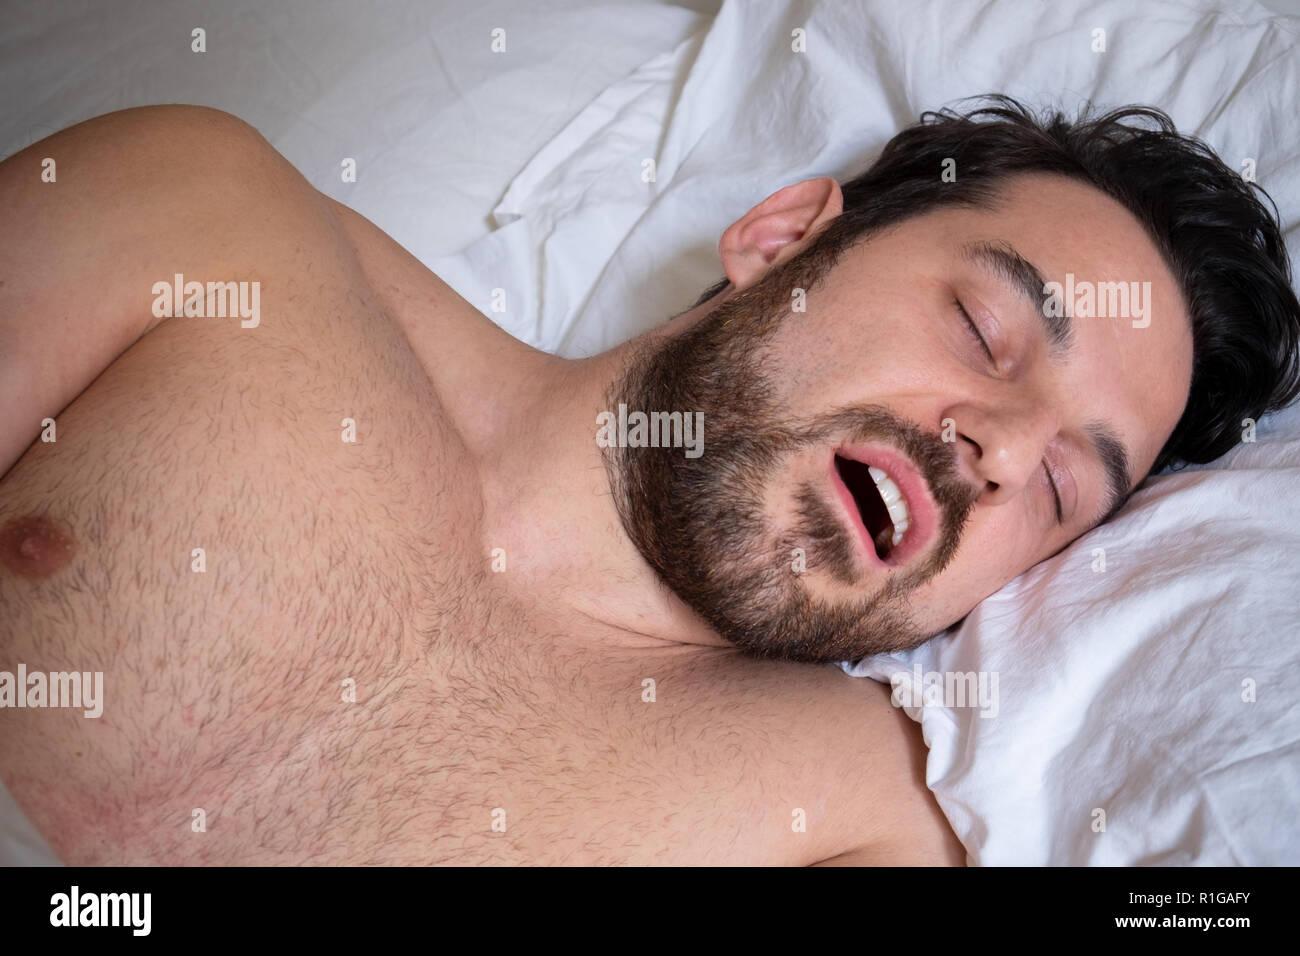 L'uomo faccia espressione il russamento e sofferenza apnea Immagini Stock